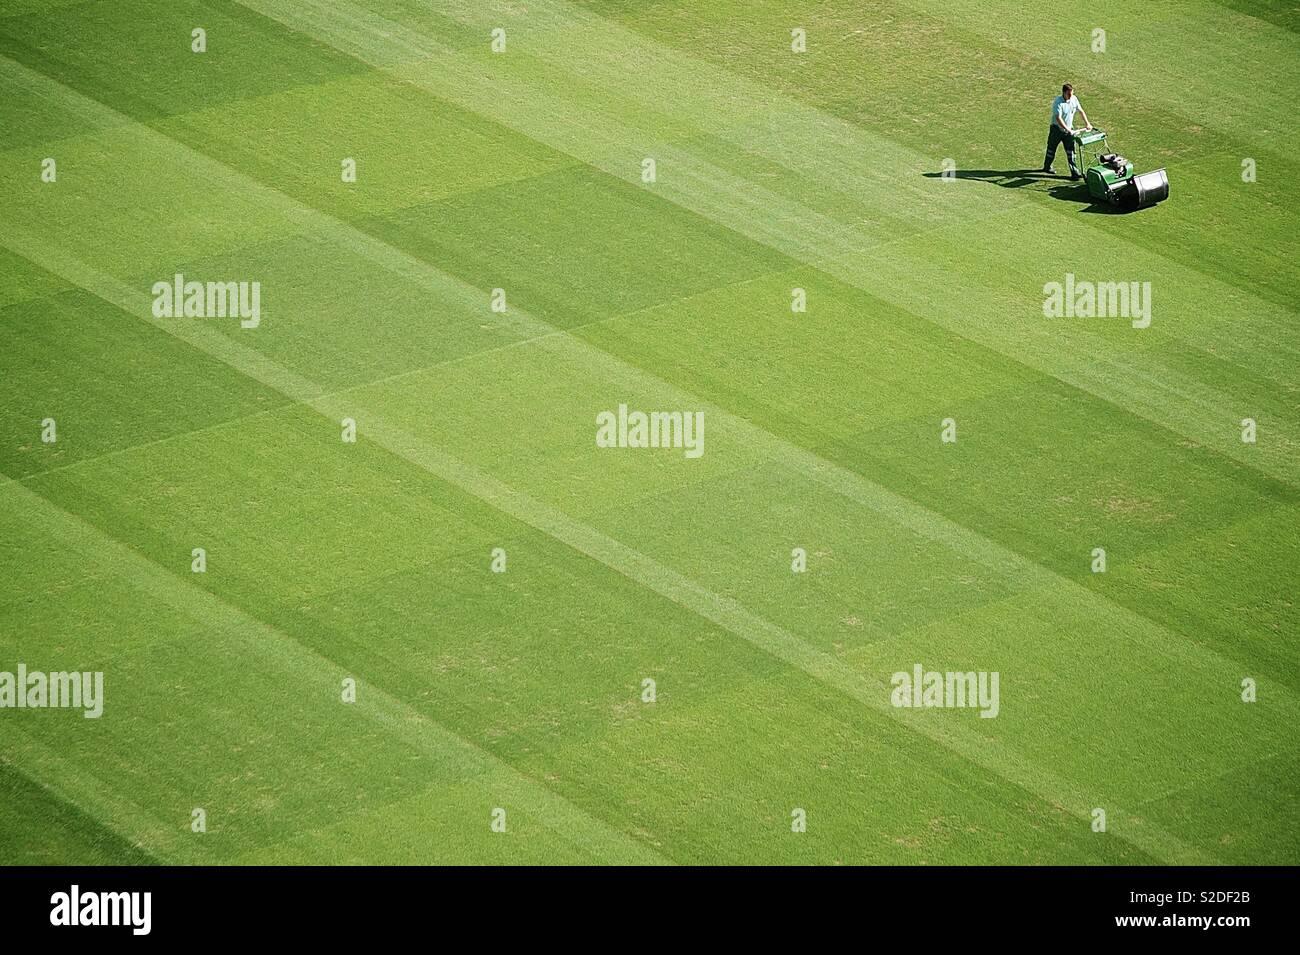 Un groundsman taglia l'erba. Immagini Stock